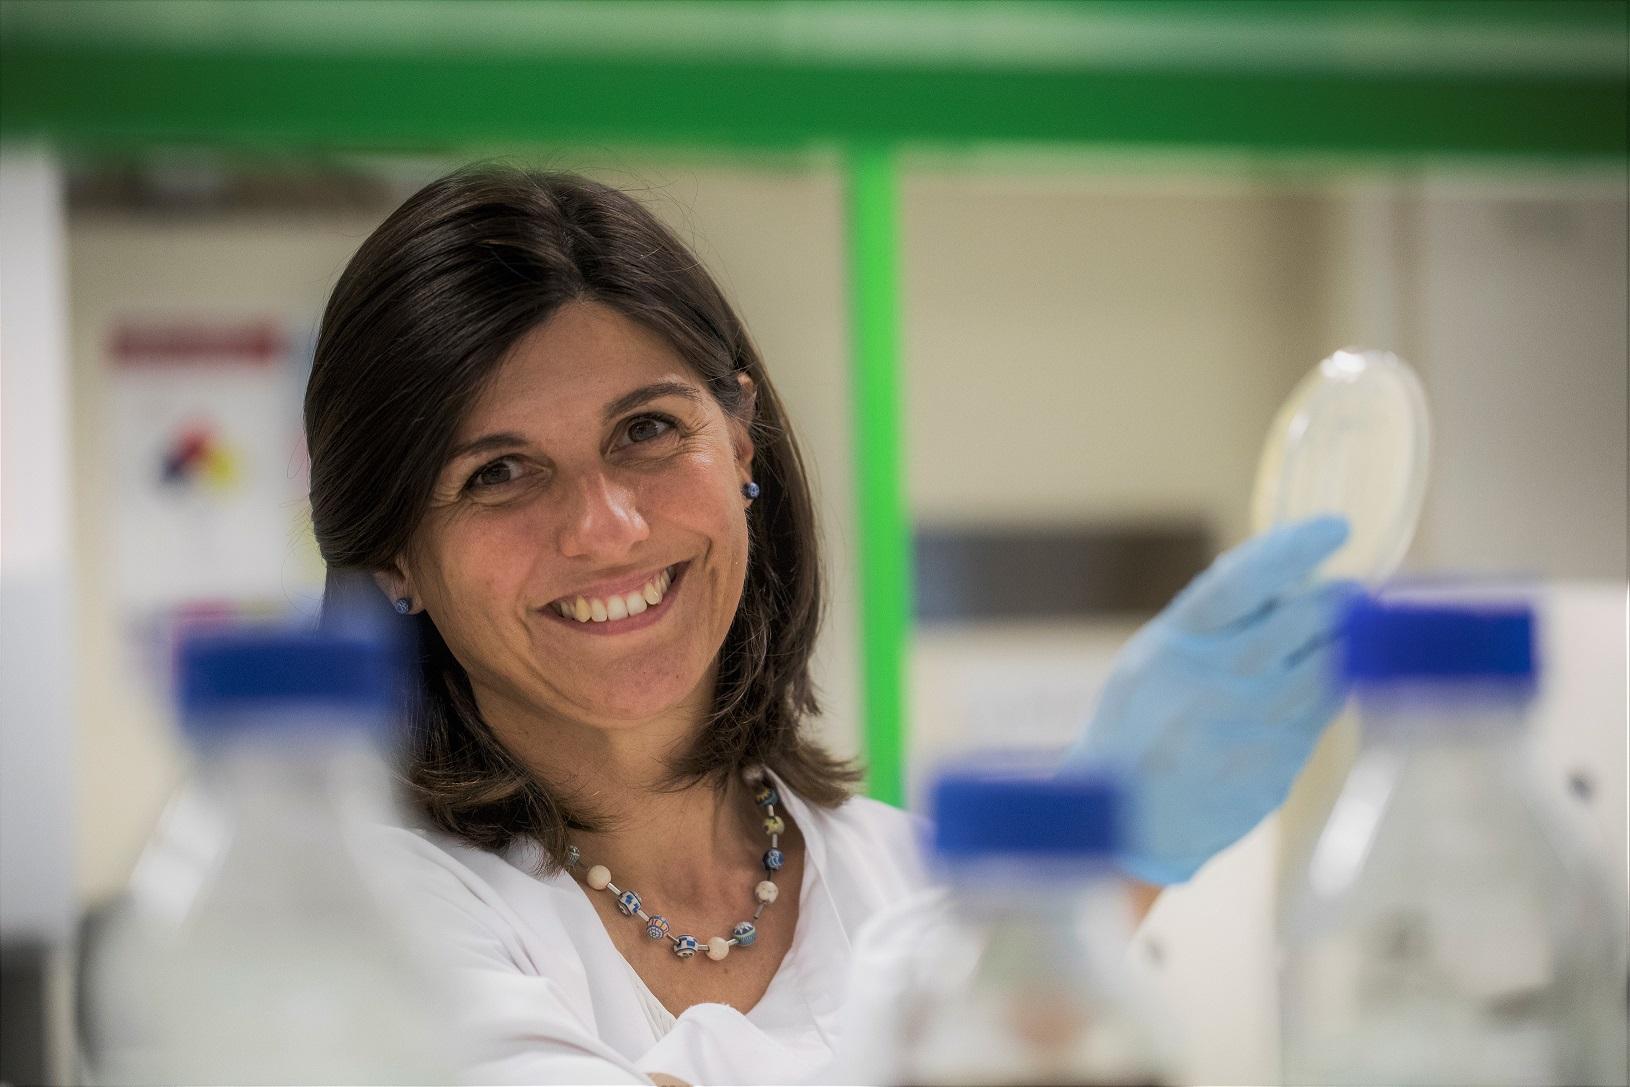 Joana Azeredo